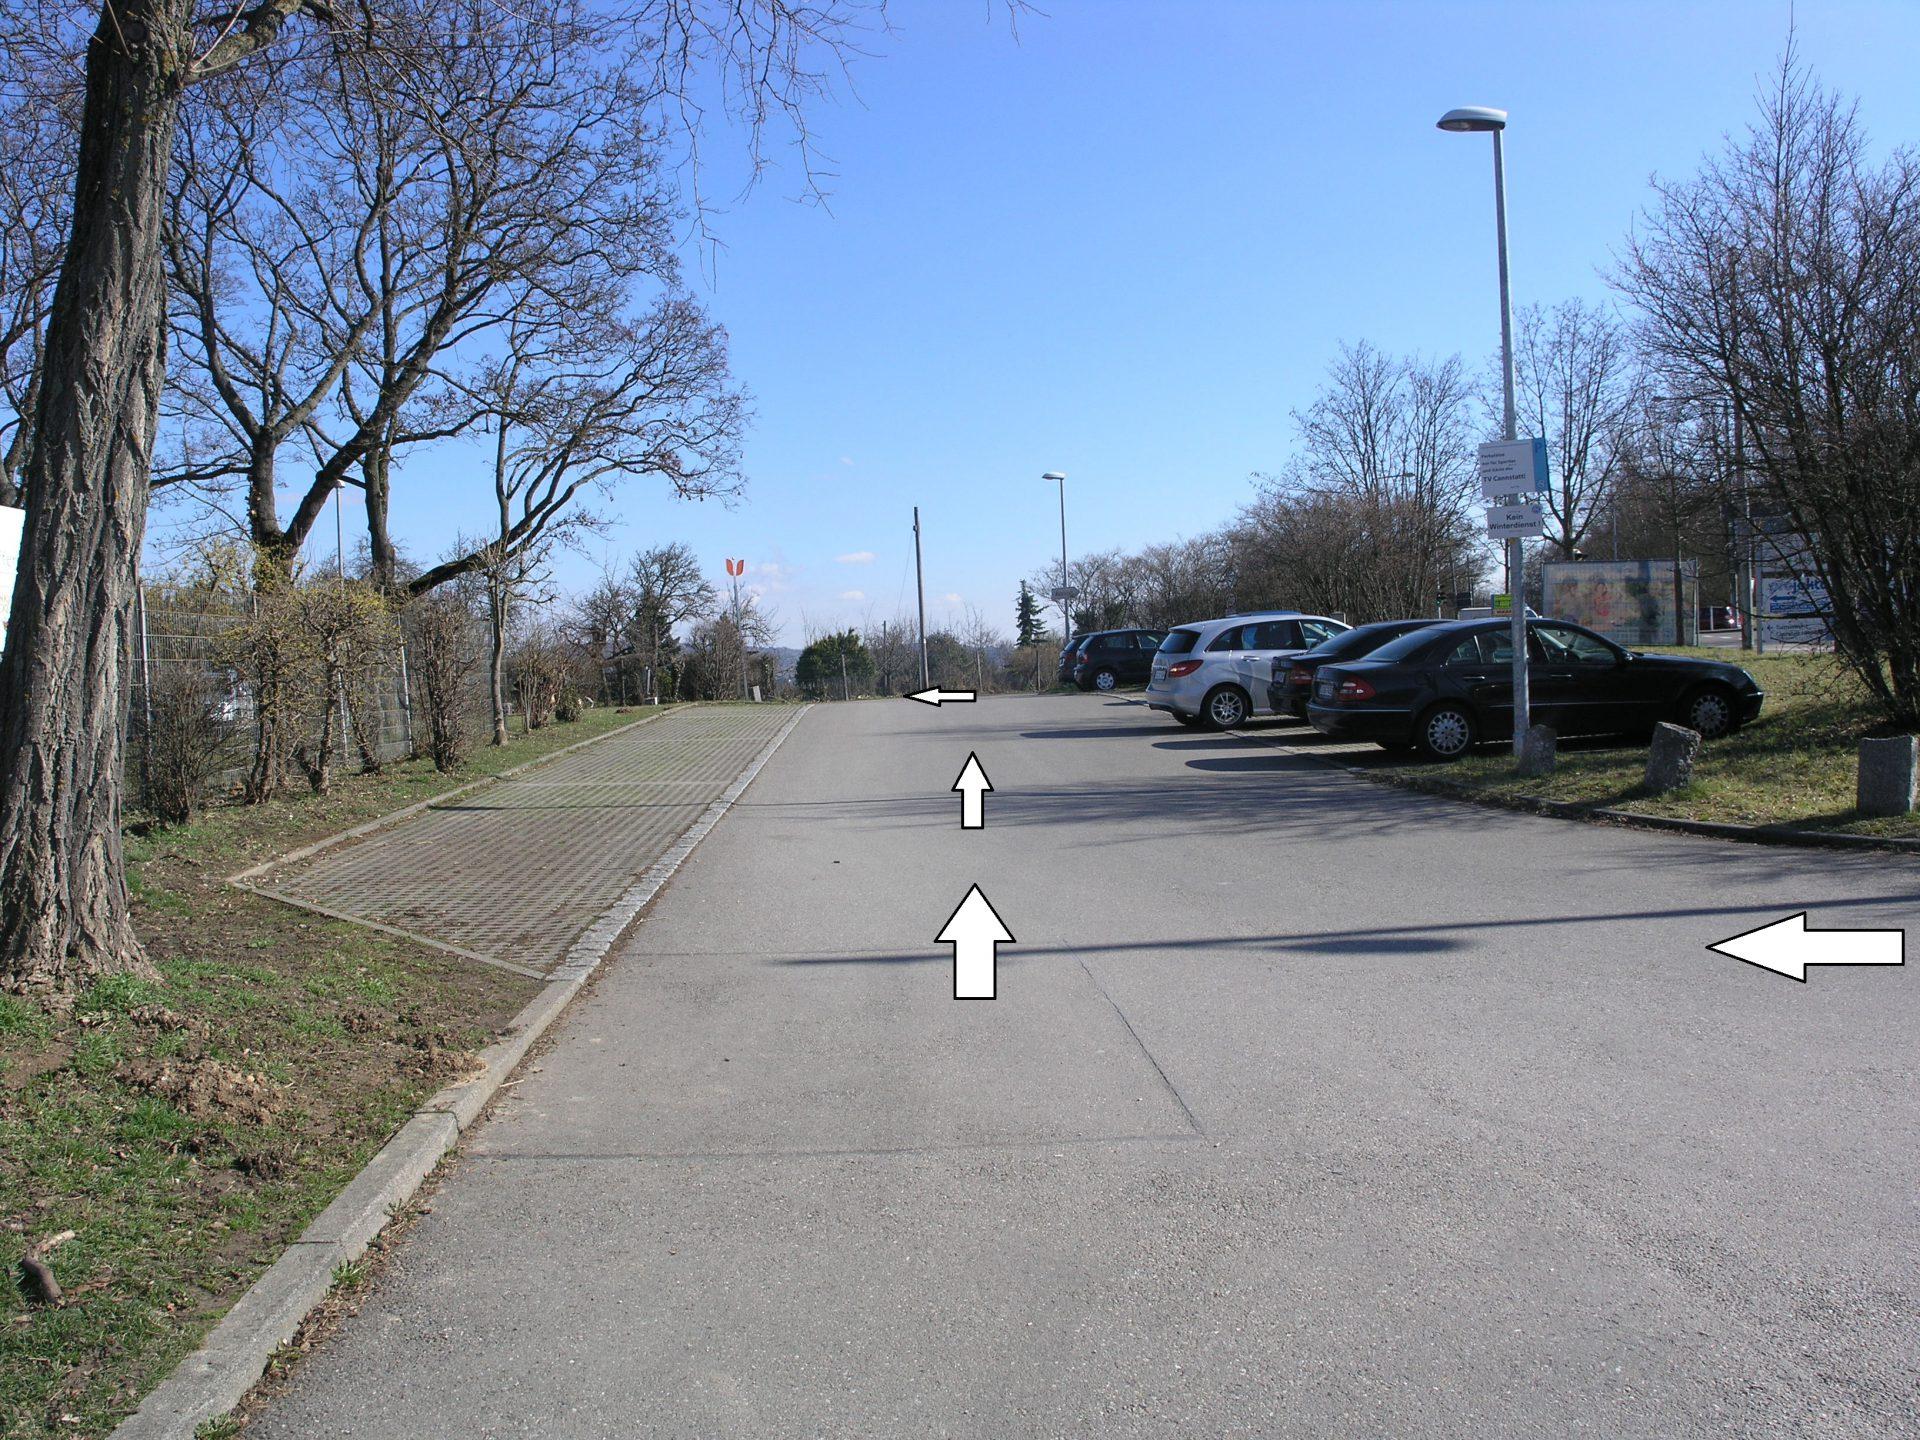 Folgen Sie der Straße geradeaus weiter.